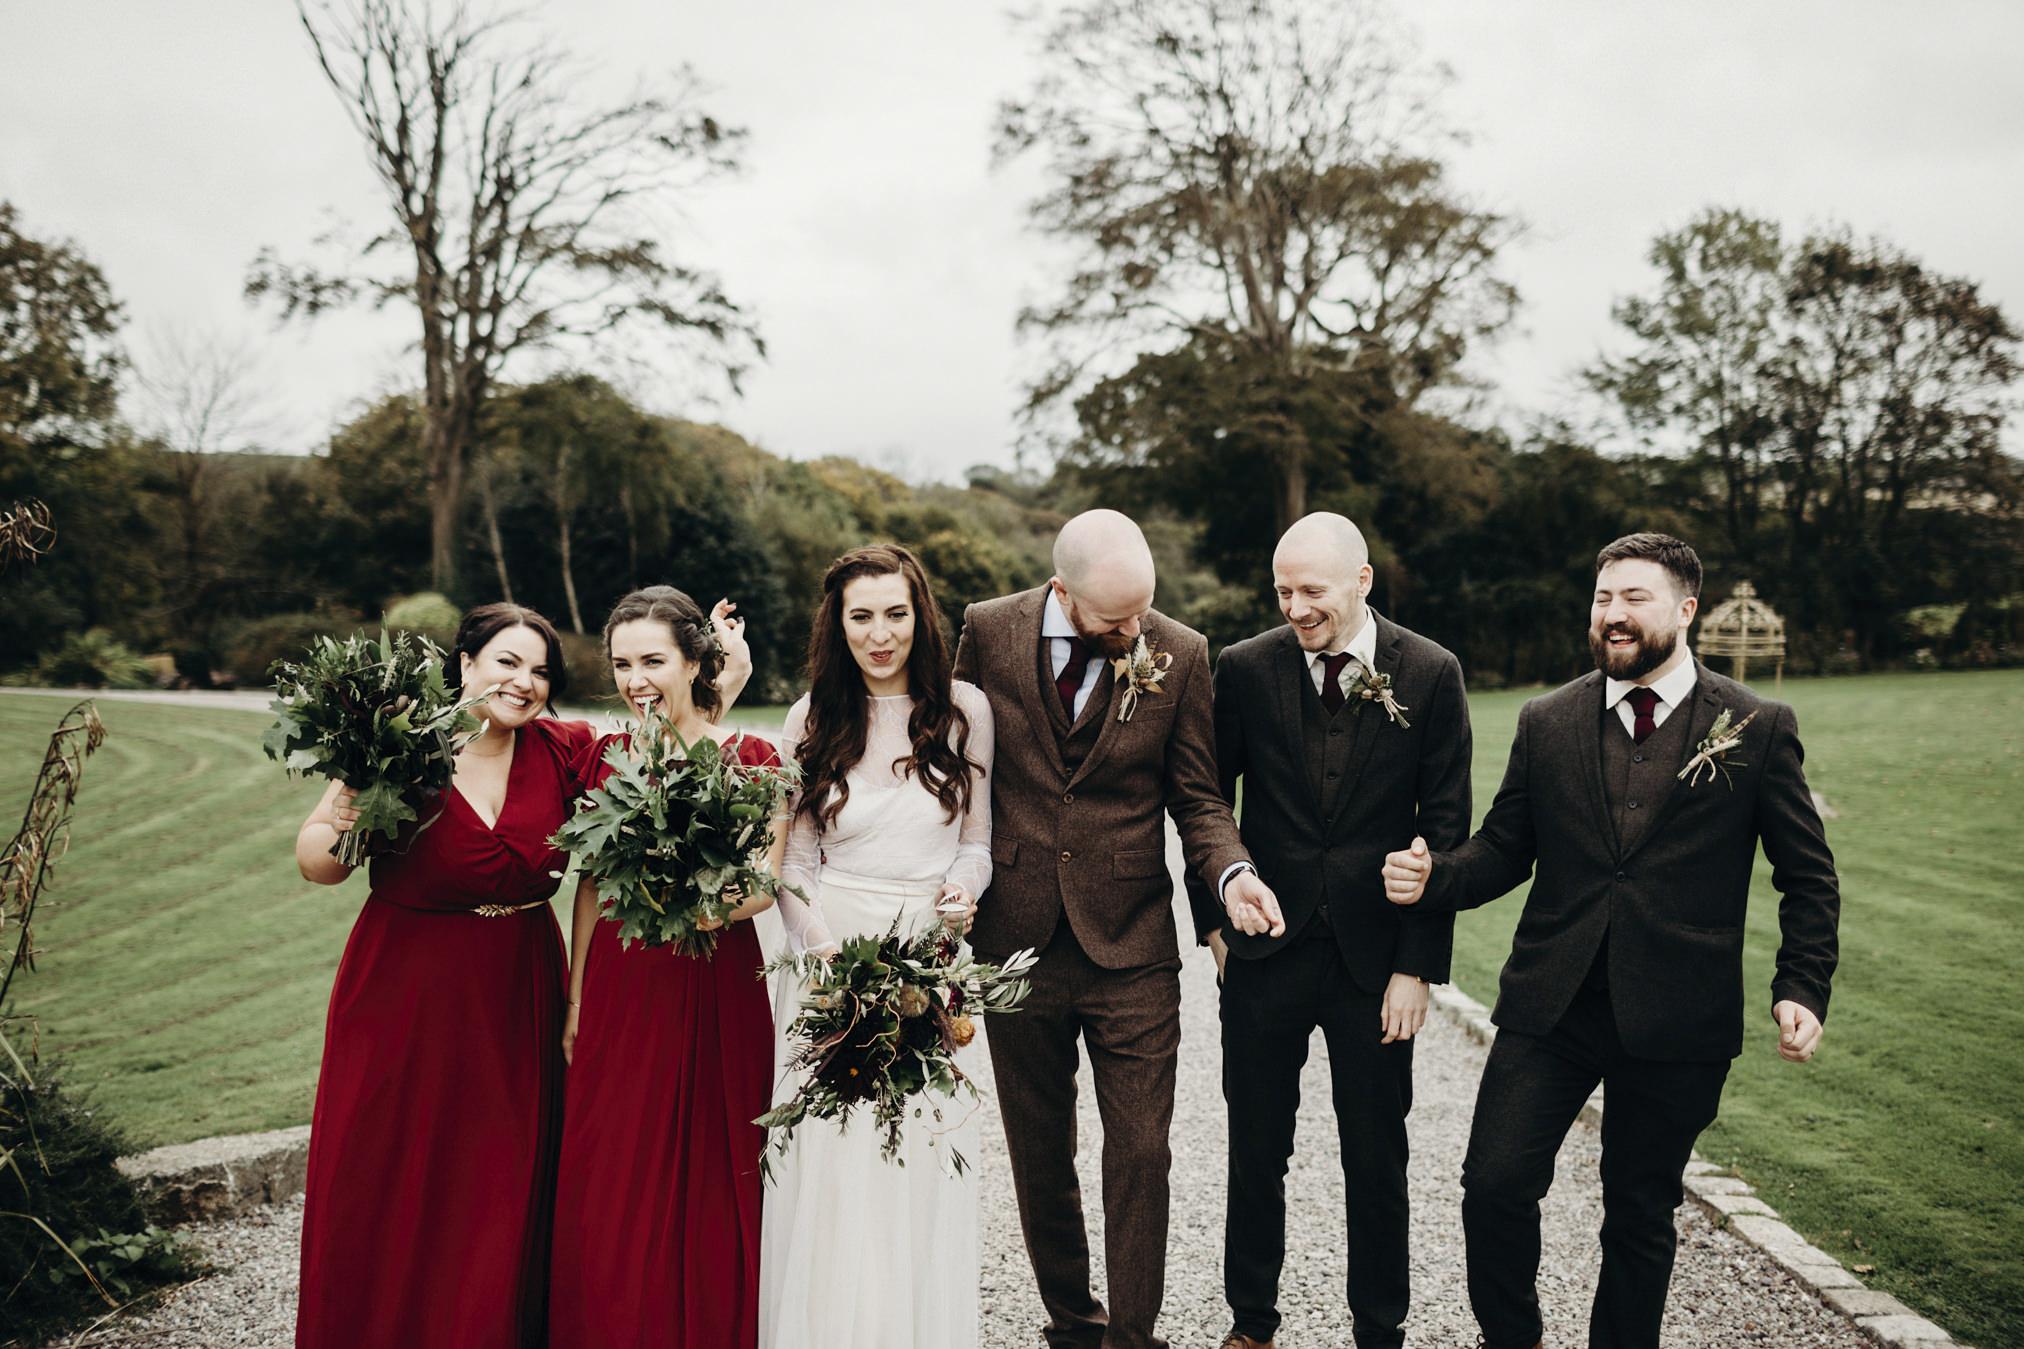 wedding photographer irelandGraciela Vilagudin Photography621.jpg